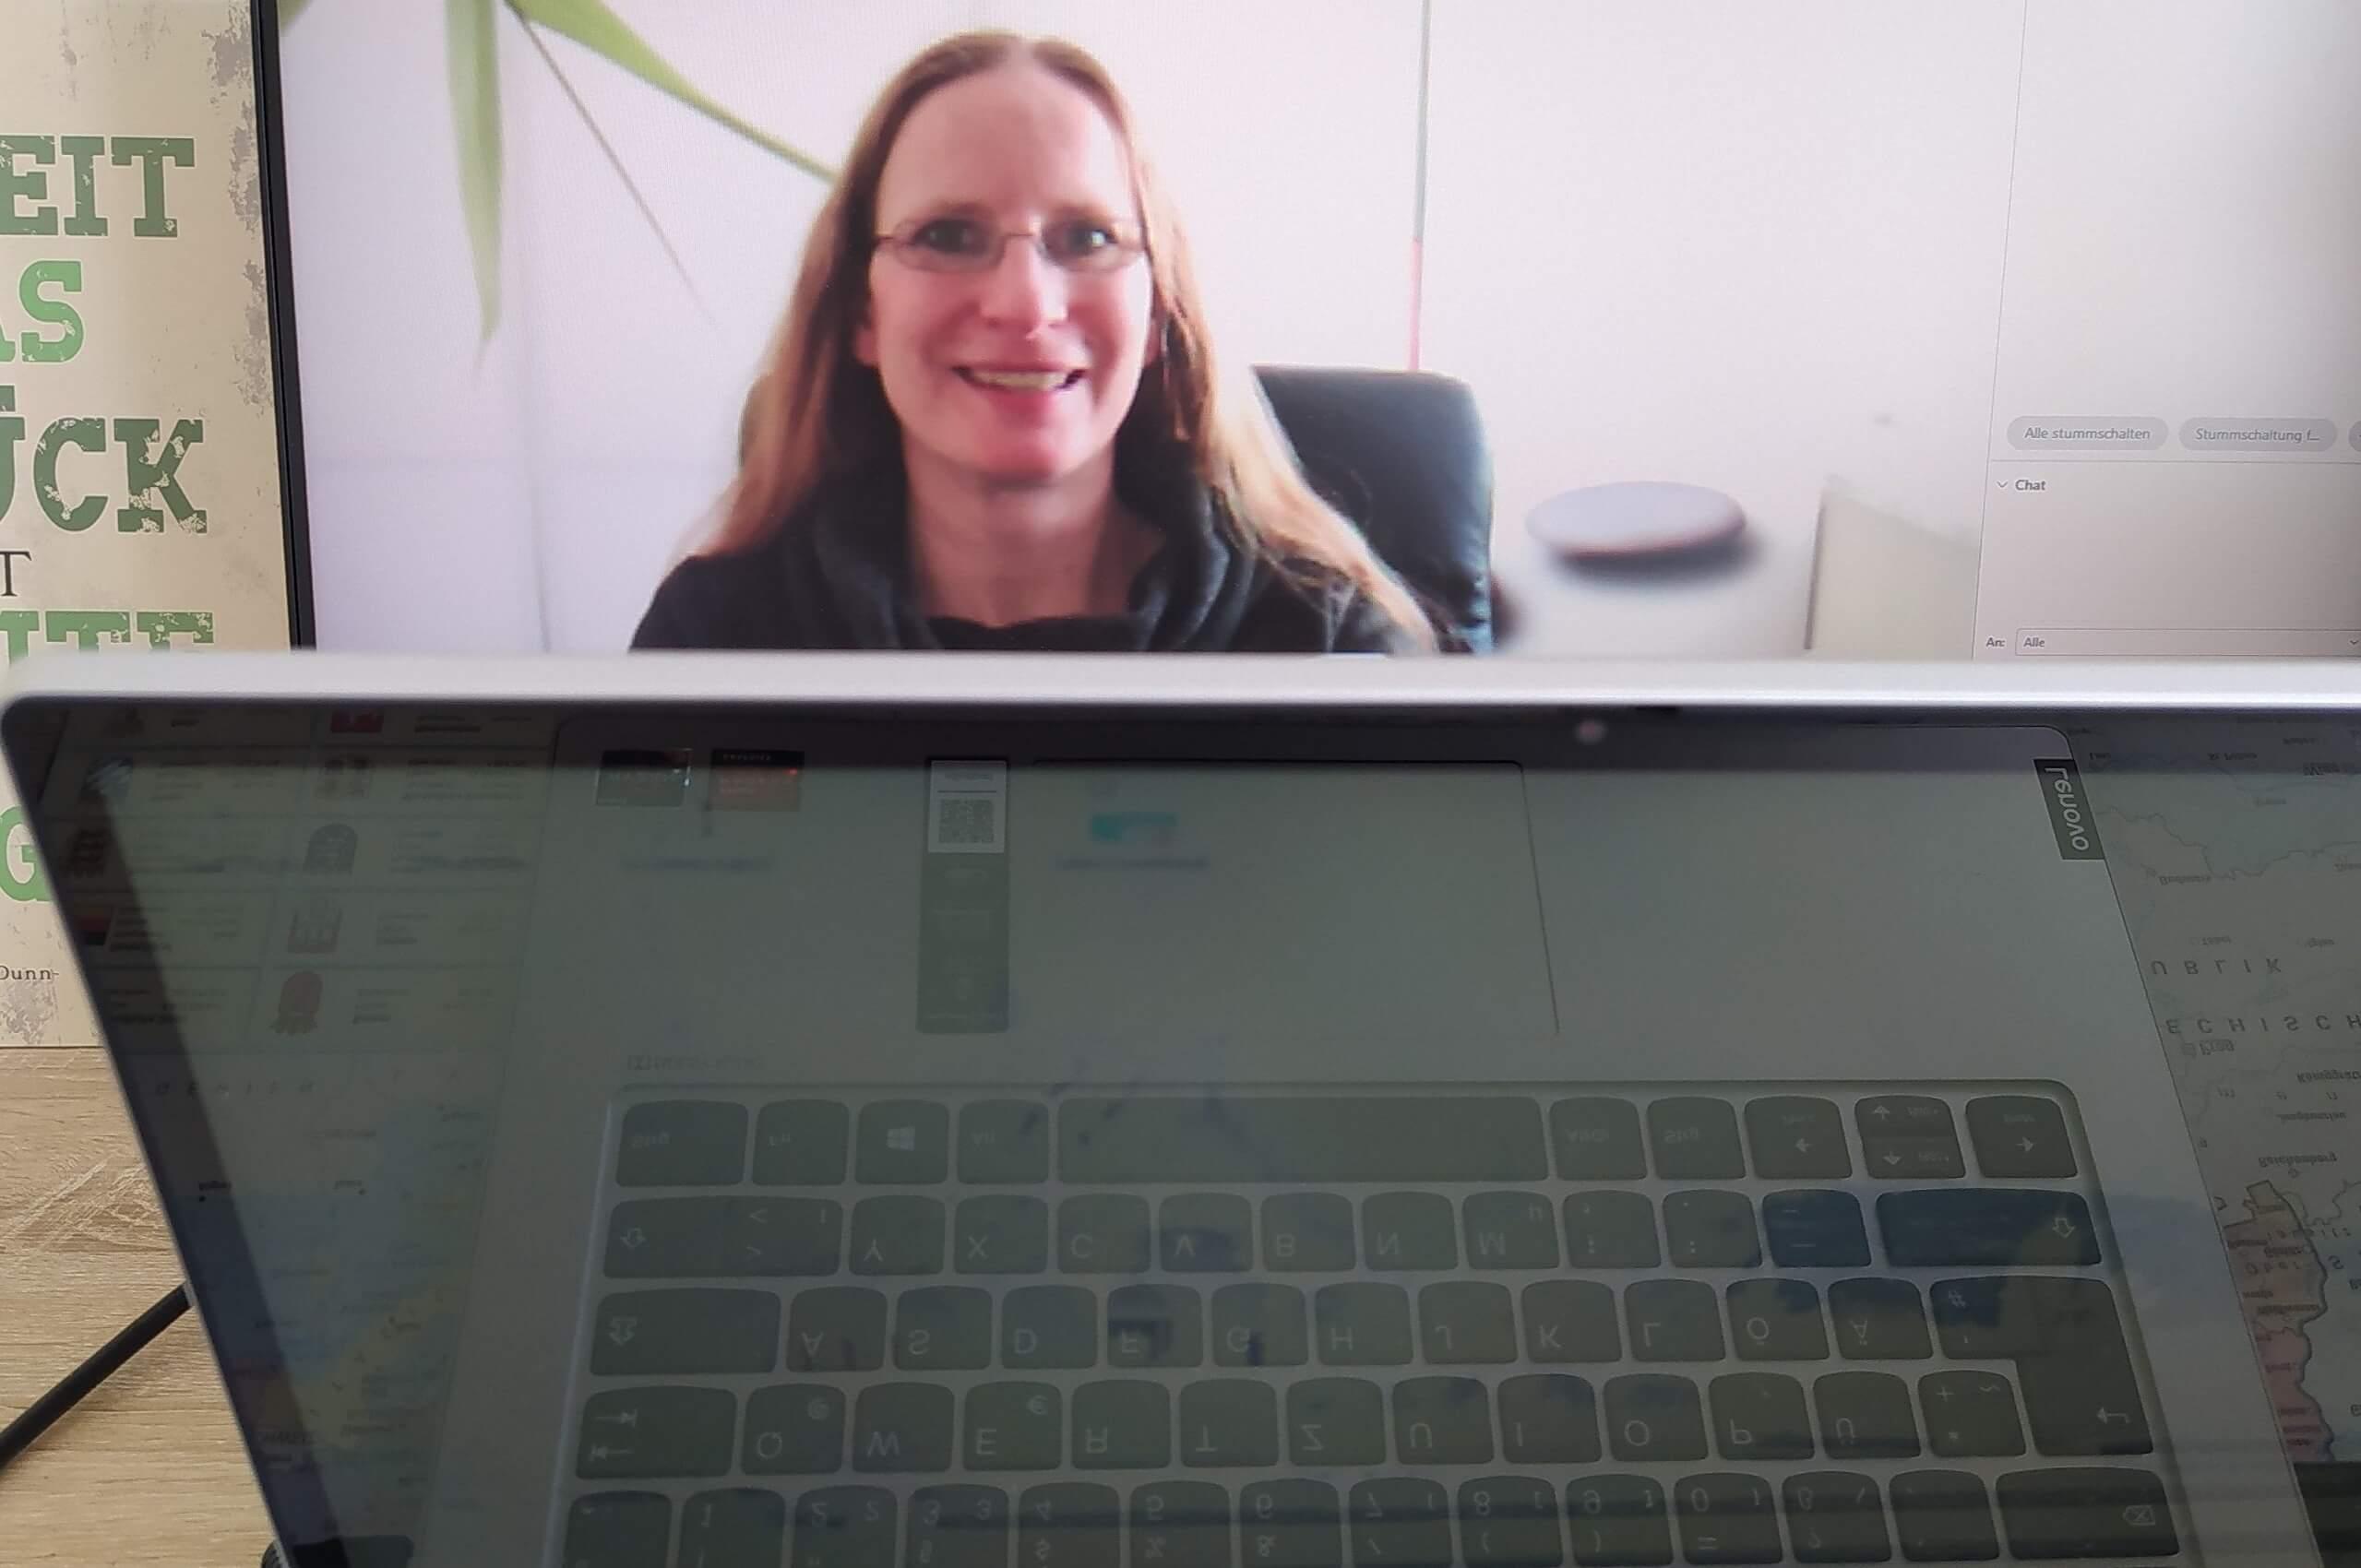 Dr. Sandra Laskowski